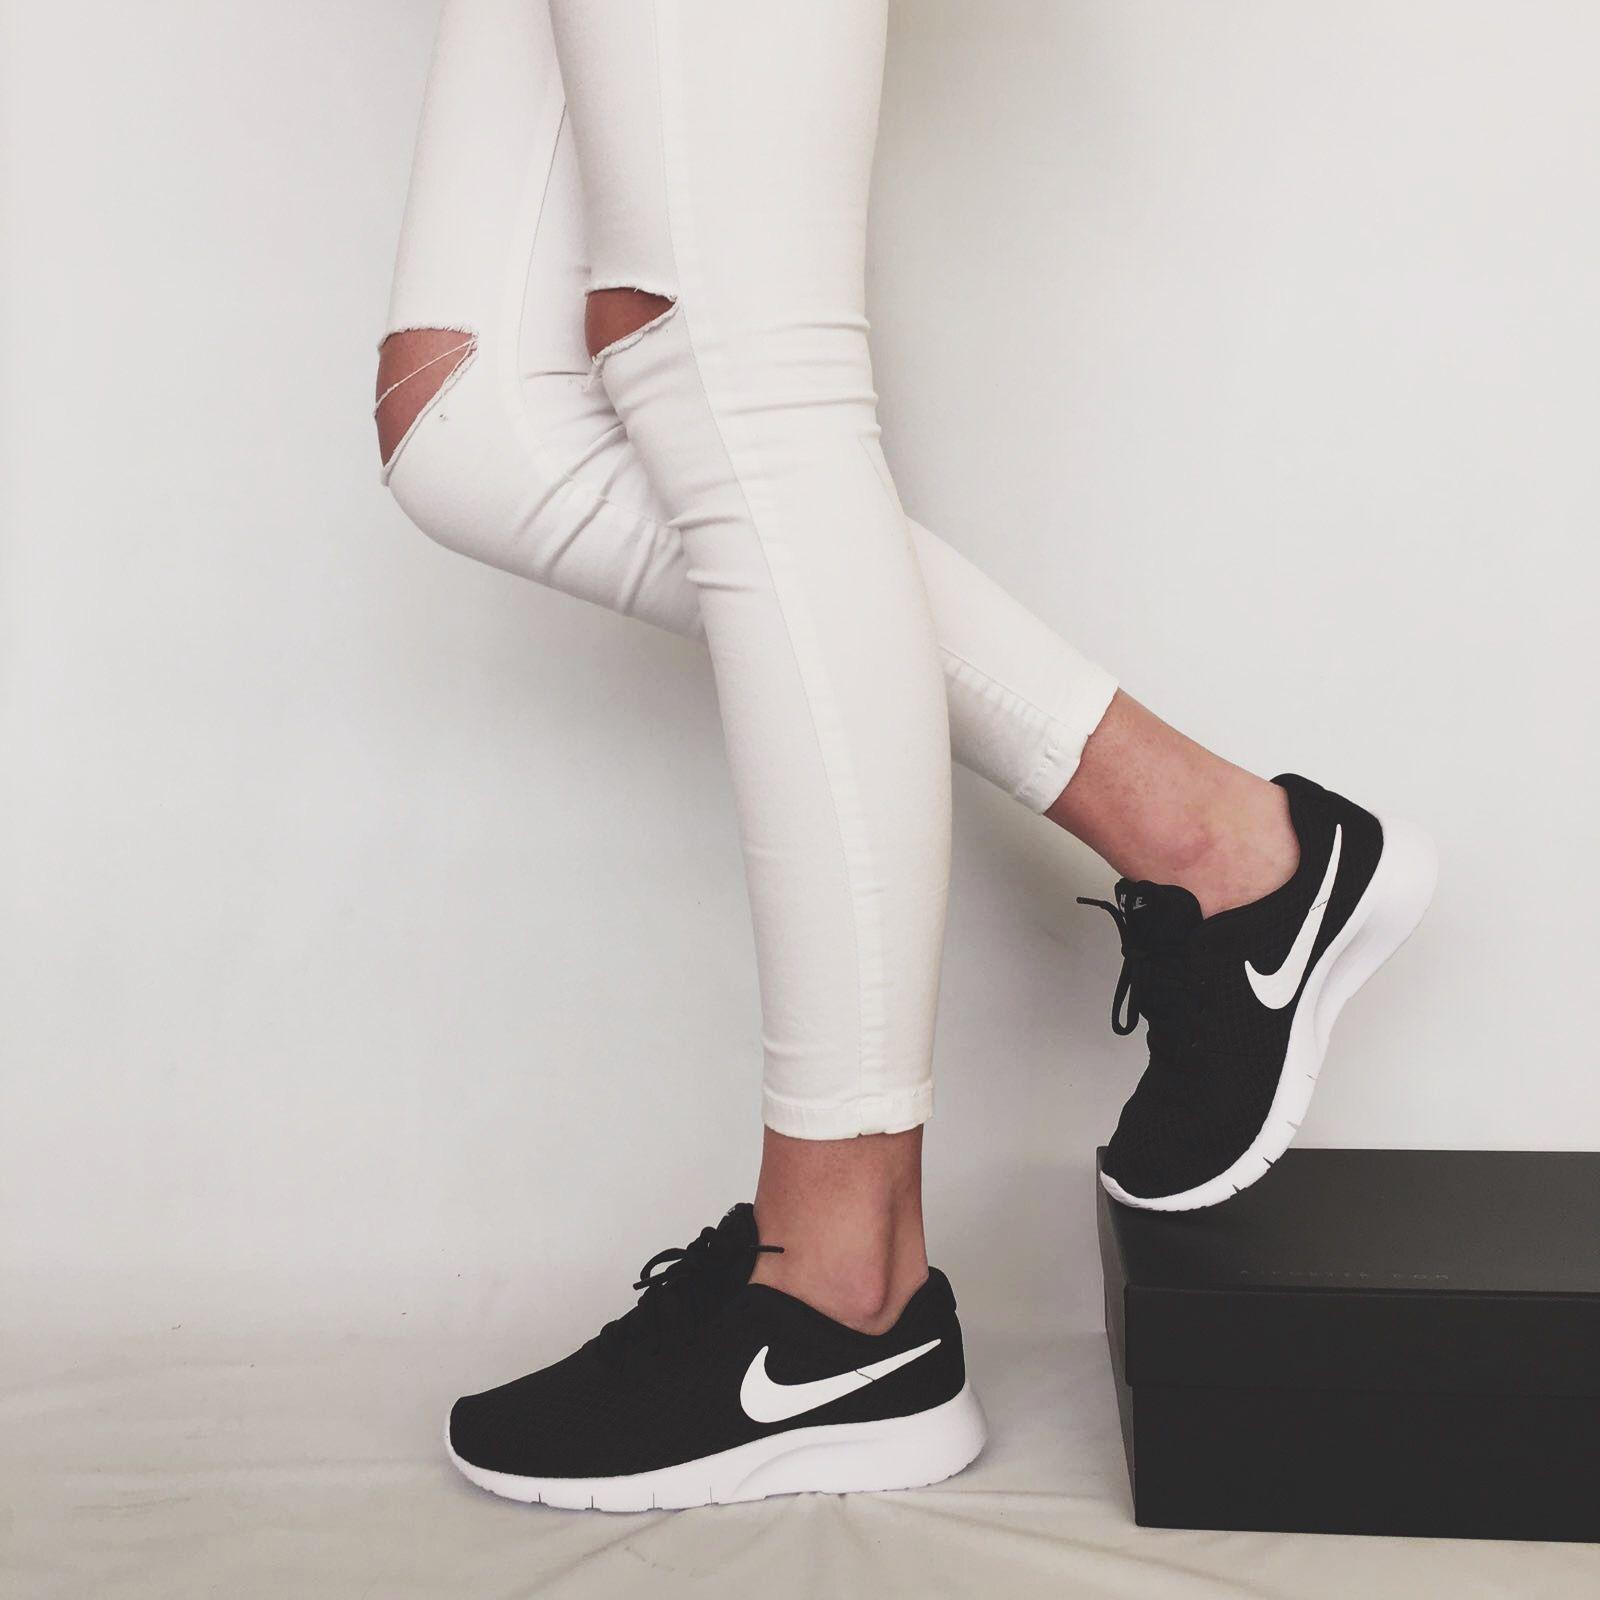 zapatillas nike negras chica